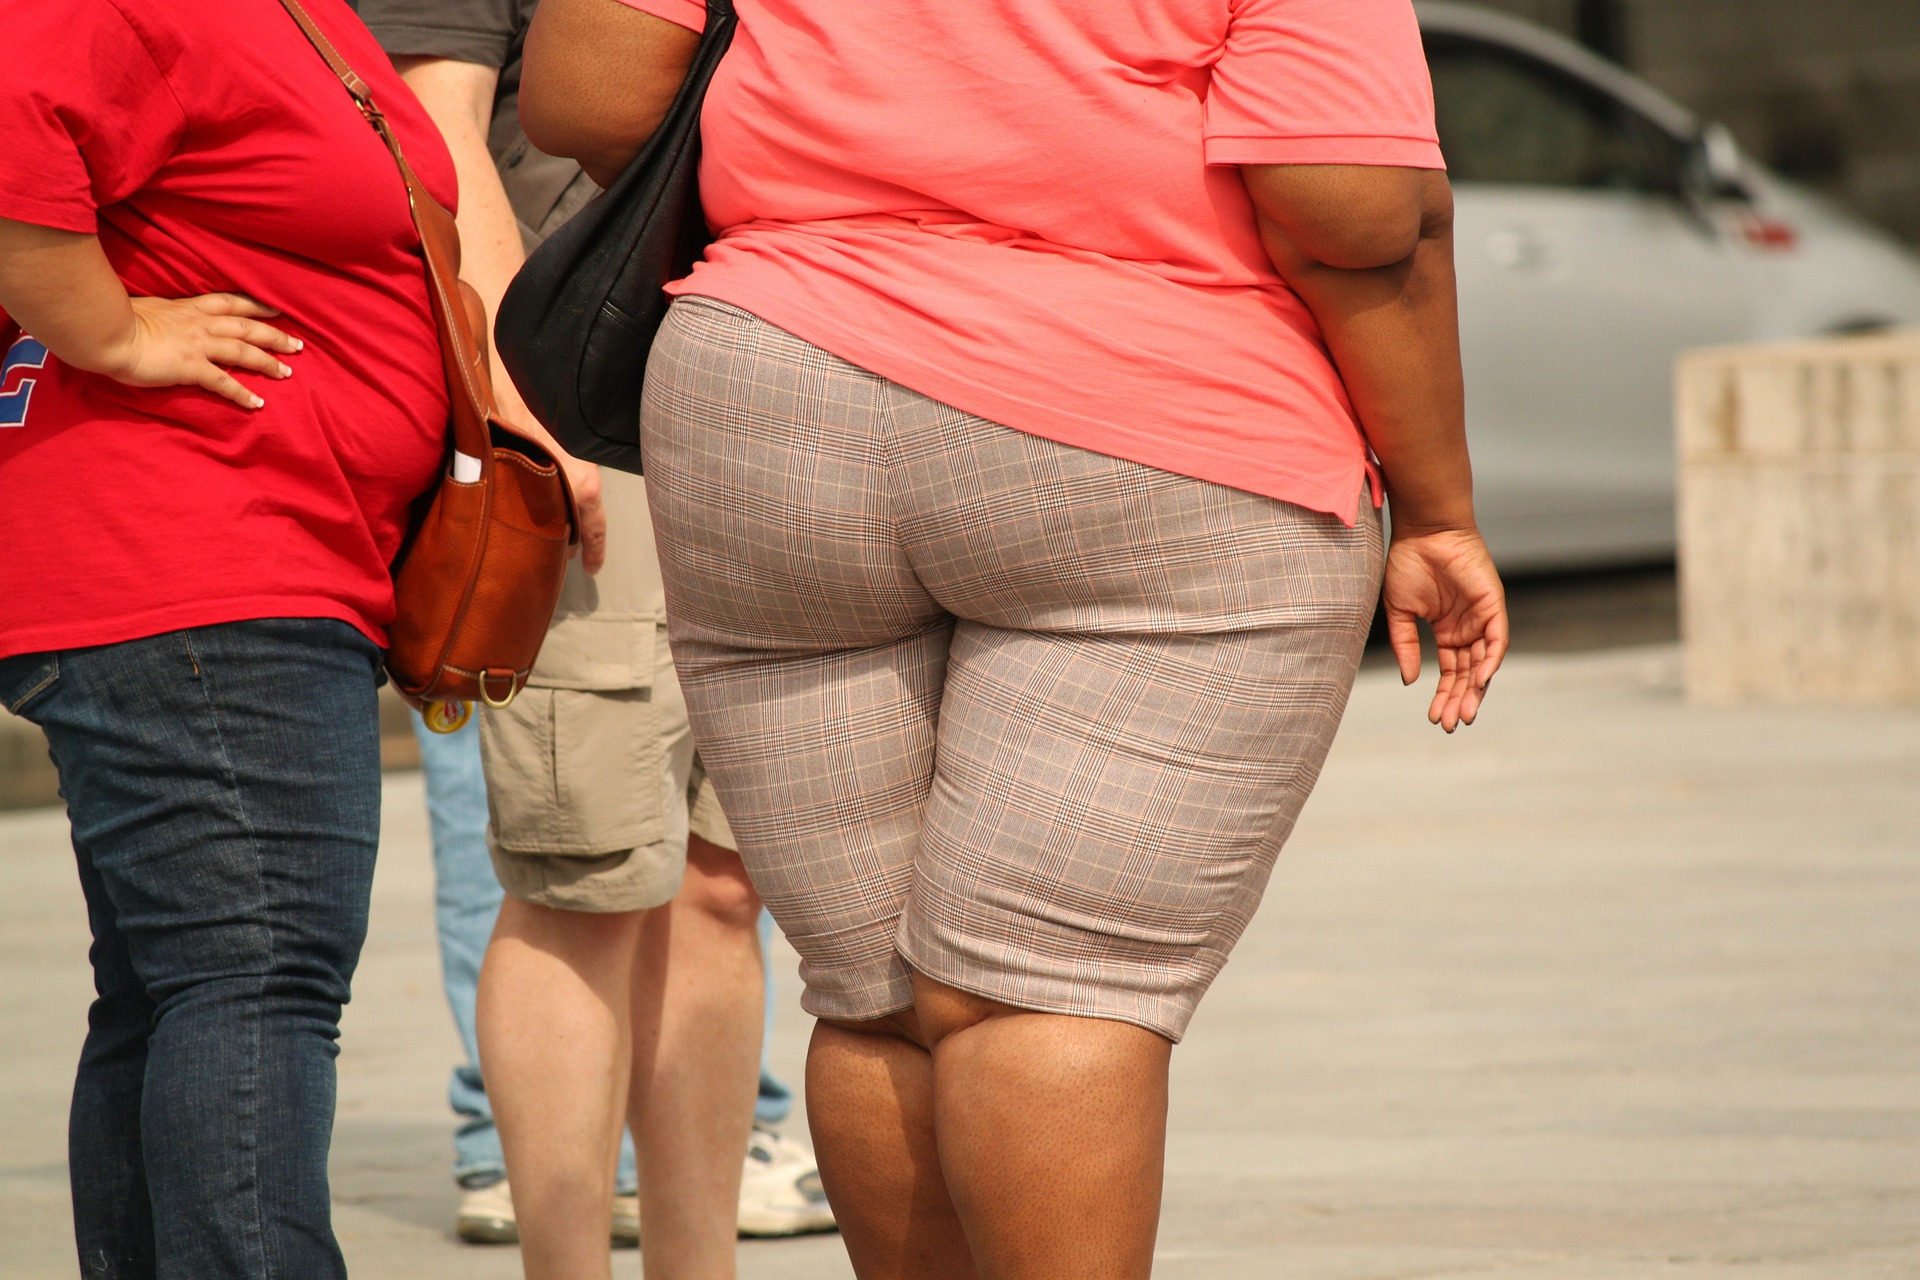 Perder peso requiere un compromiso para cambiar nuestro estilo de vida